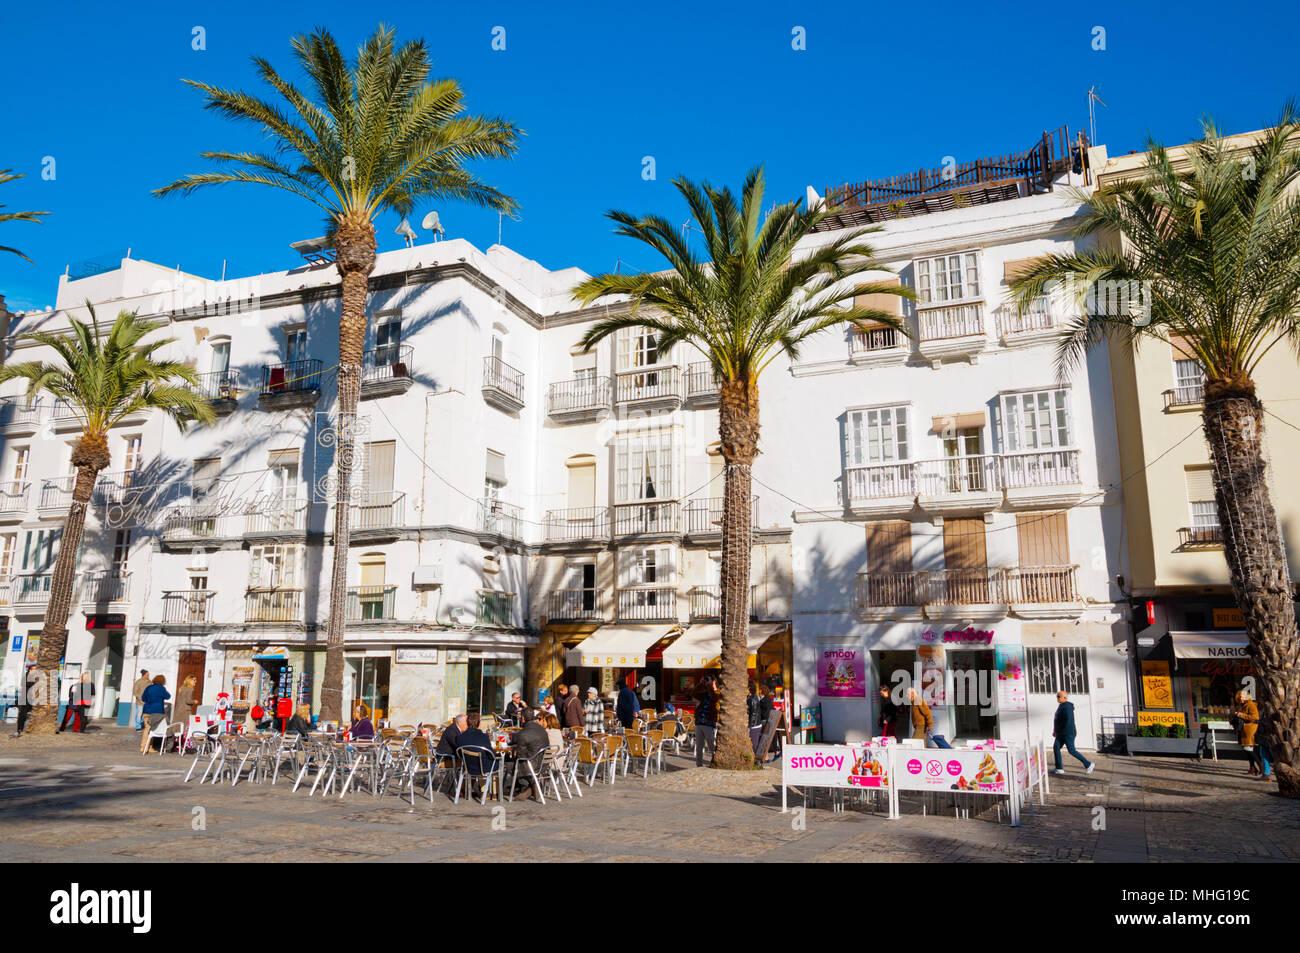 Plaza de la Catedral, Cadix, Andalousie, Espagne Banque D'Images